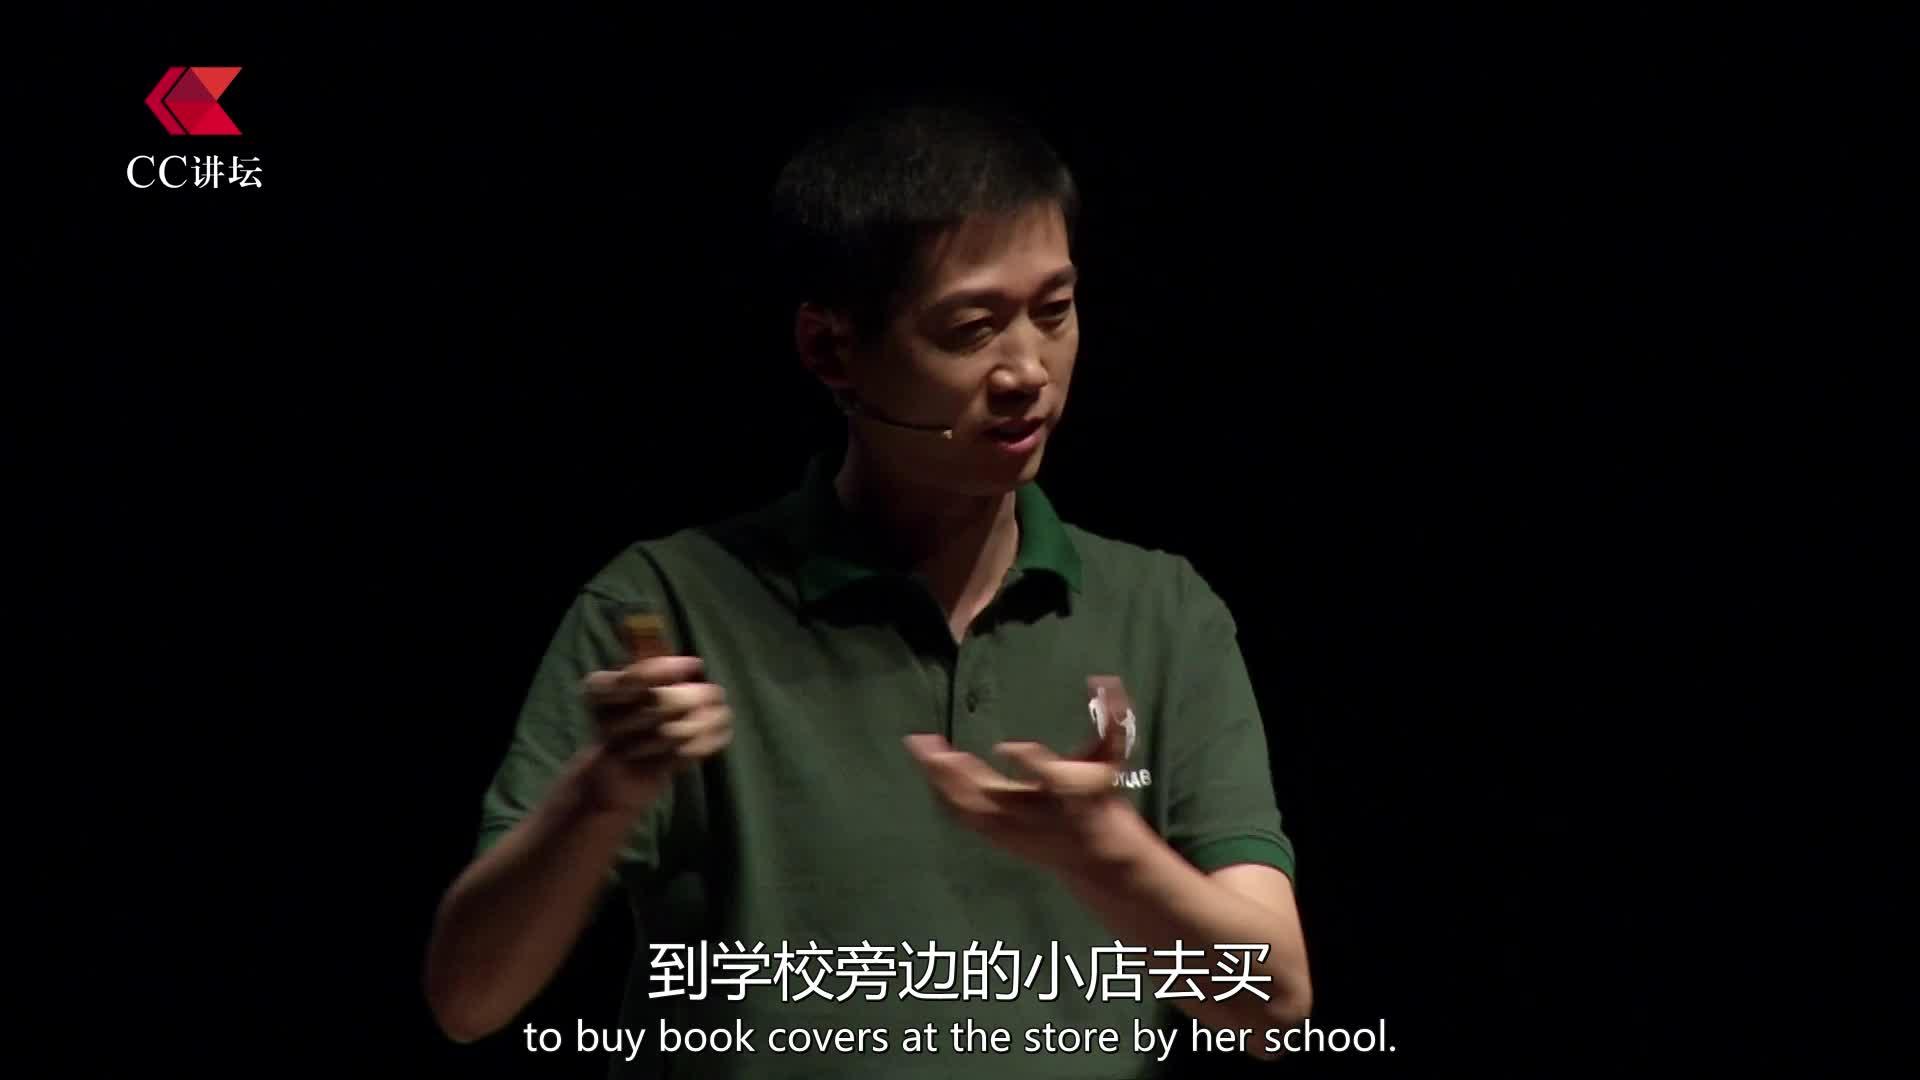 CC讲坛(公益)—魏文锋:愤青老爸的突围